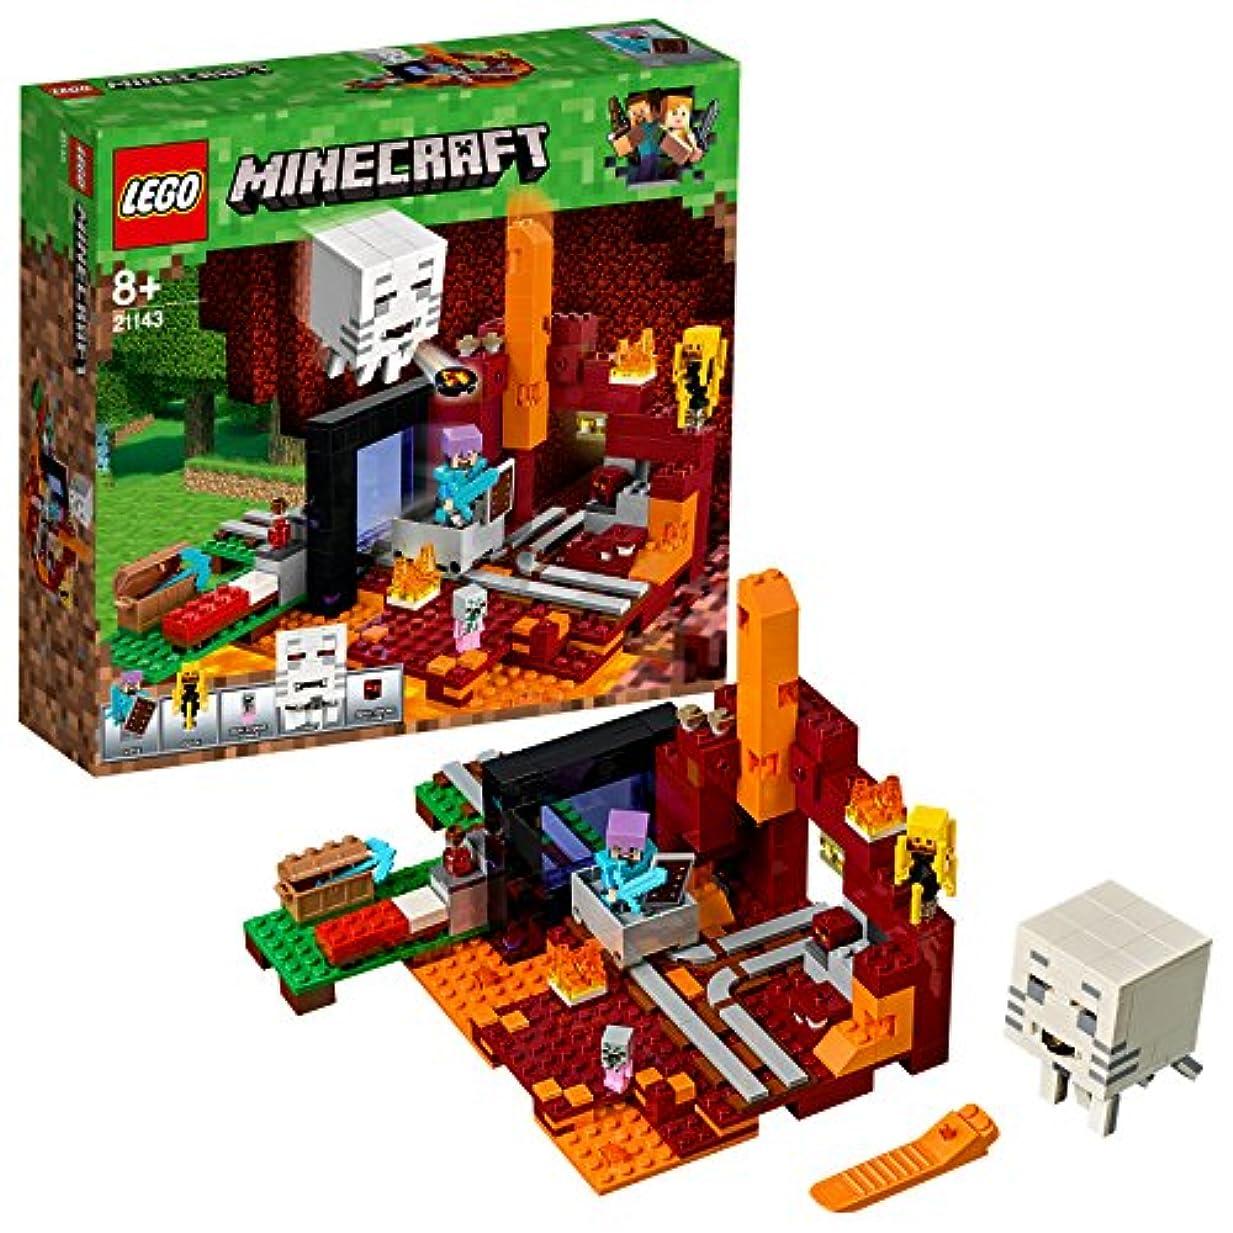 秋名義でにじみ出るレゴ(LEGO) マインクラフト 闇のポータル 21143